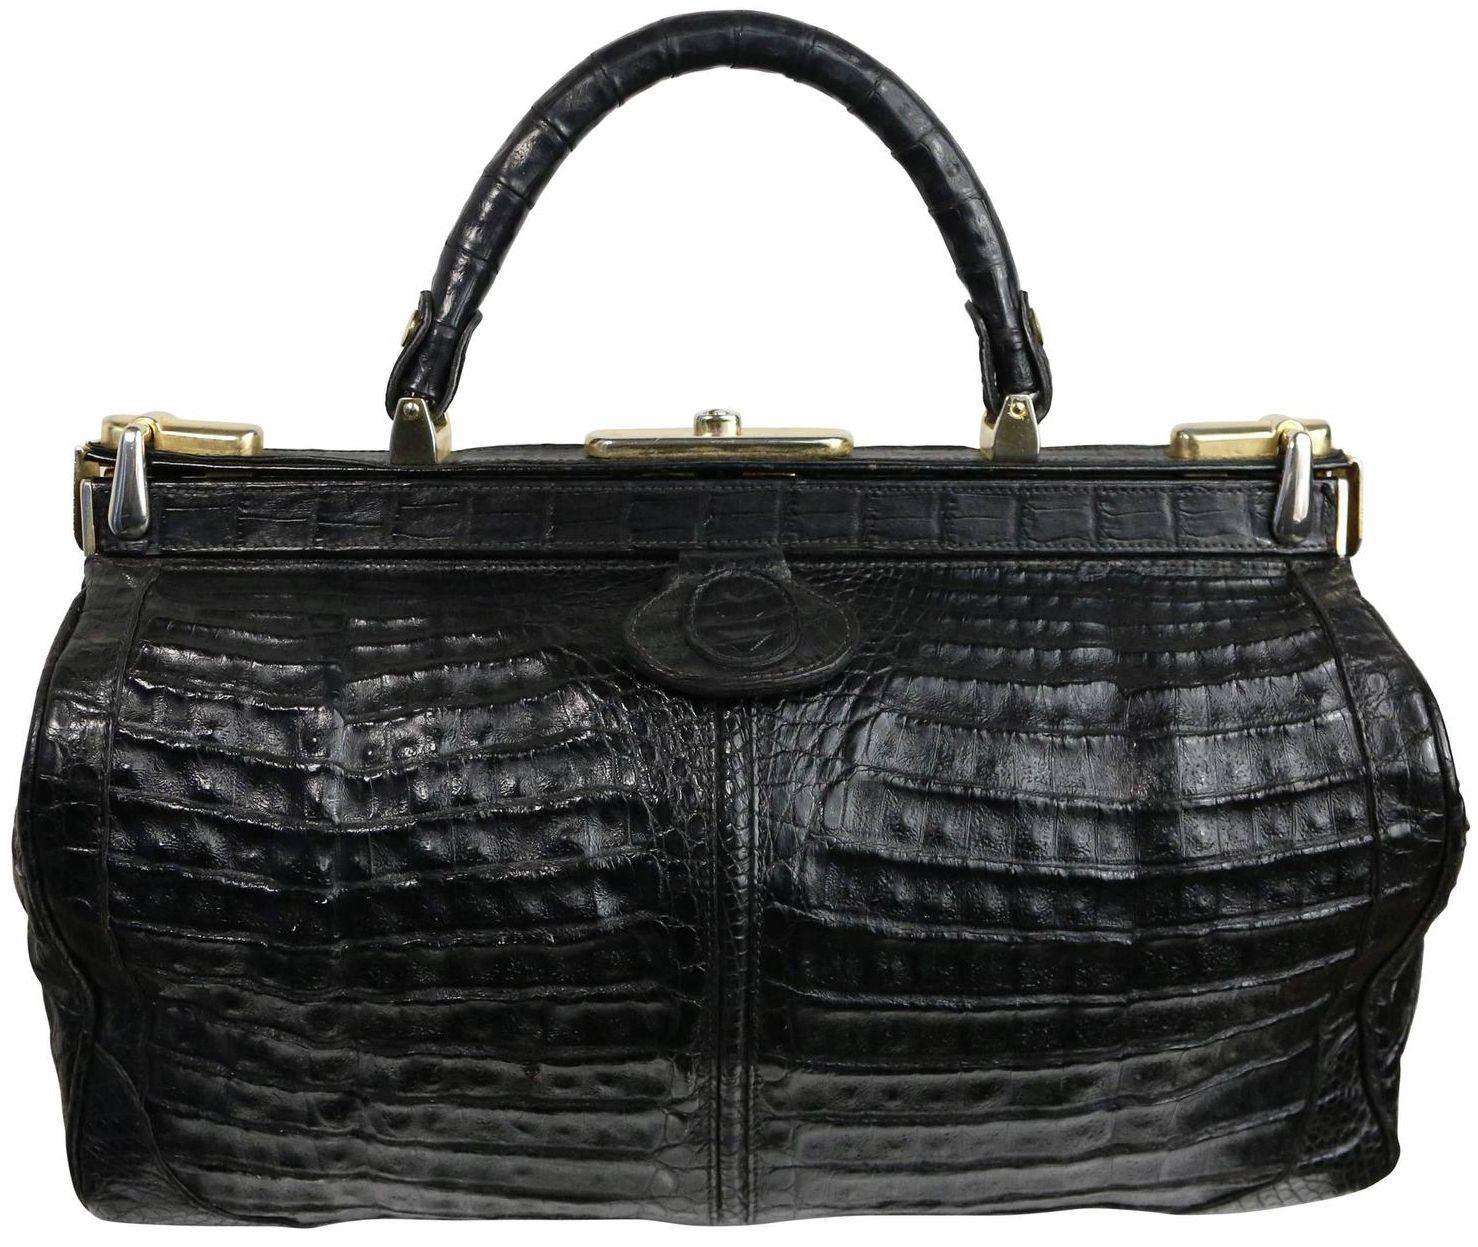 719ea2481df81 Goldpfeil Vintage Taschen